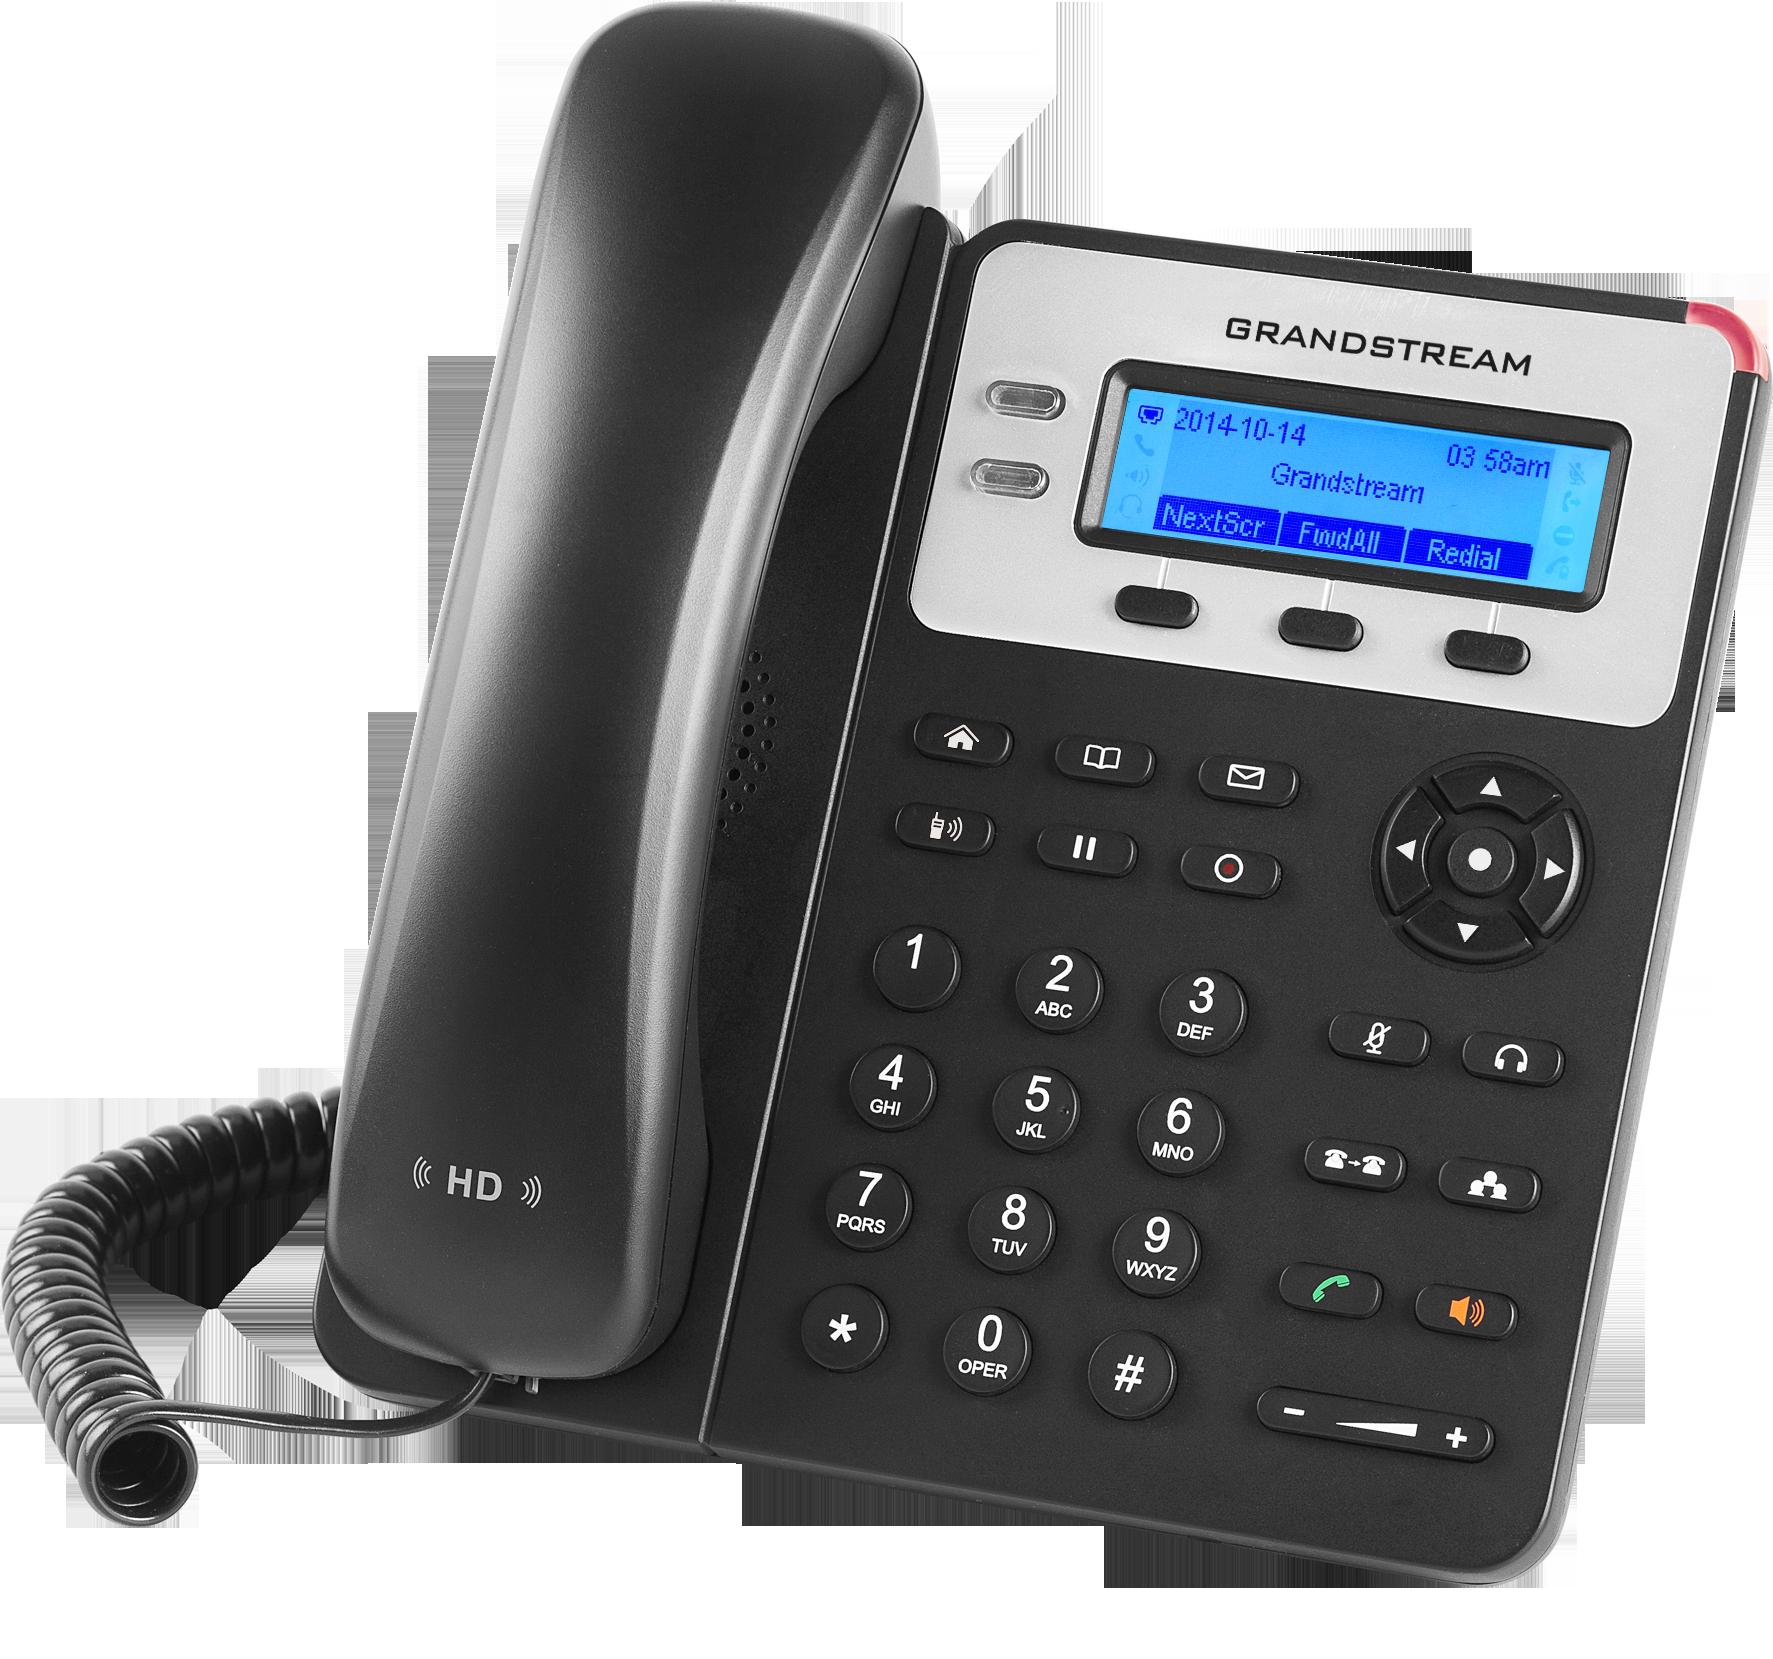 Ip телефон grandstream gxp1625 — купить в интернет-магазине онлайн.